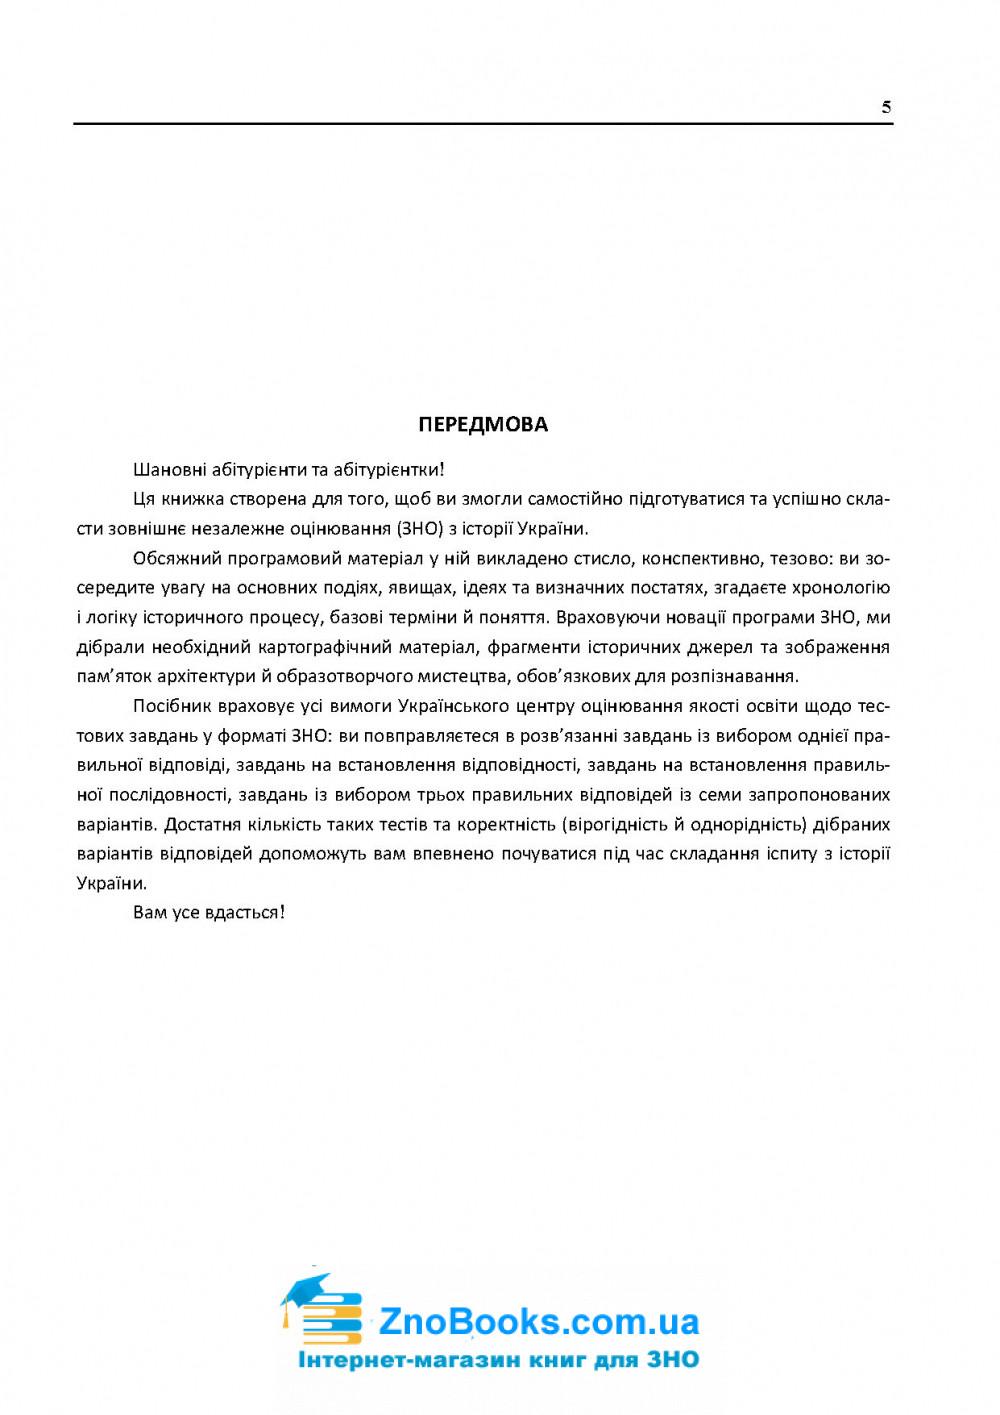 Історія України. Комплексне видання + тести у форматі ЗНО 2022 /КОМПЛЕКТ/ Земерова Т. Підручники і посібники. 5